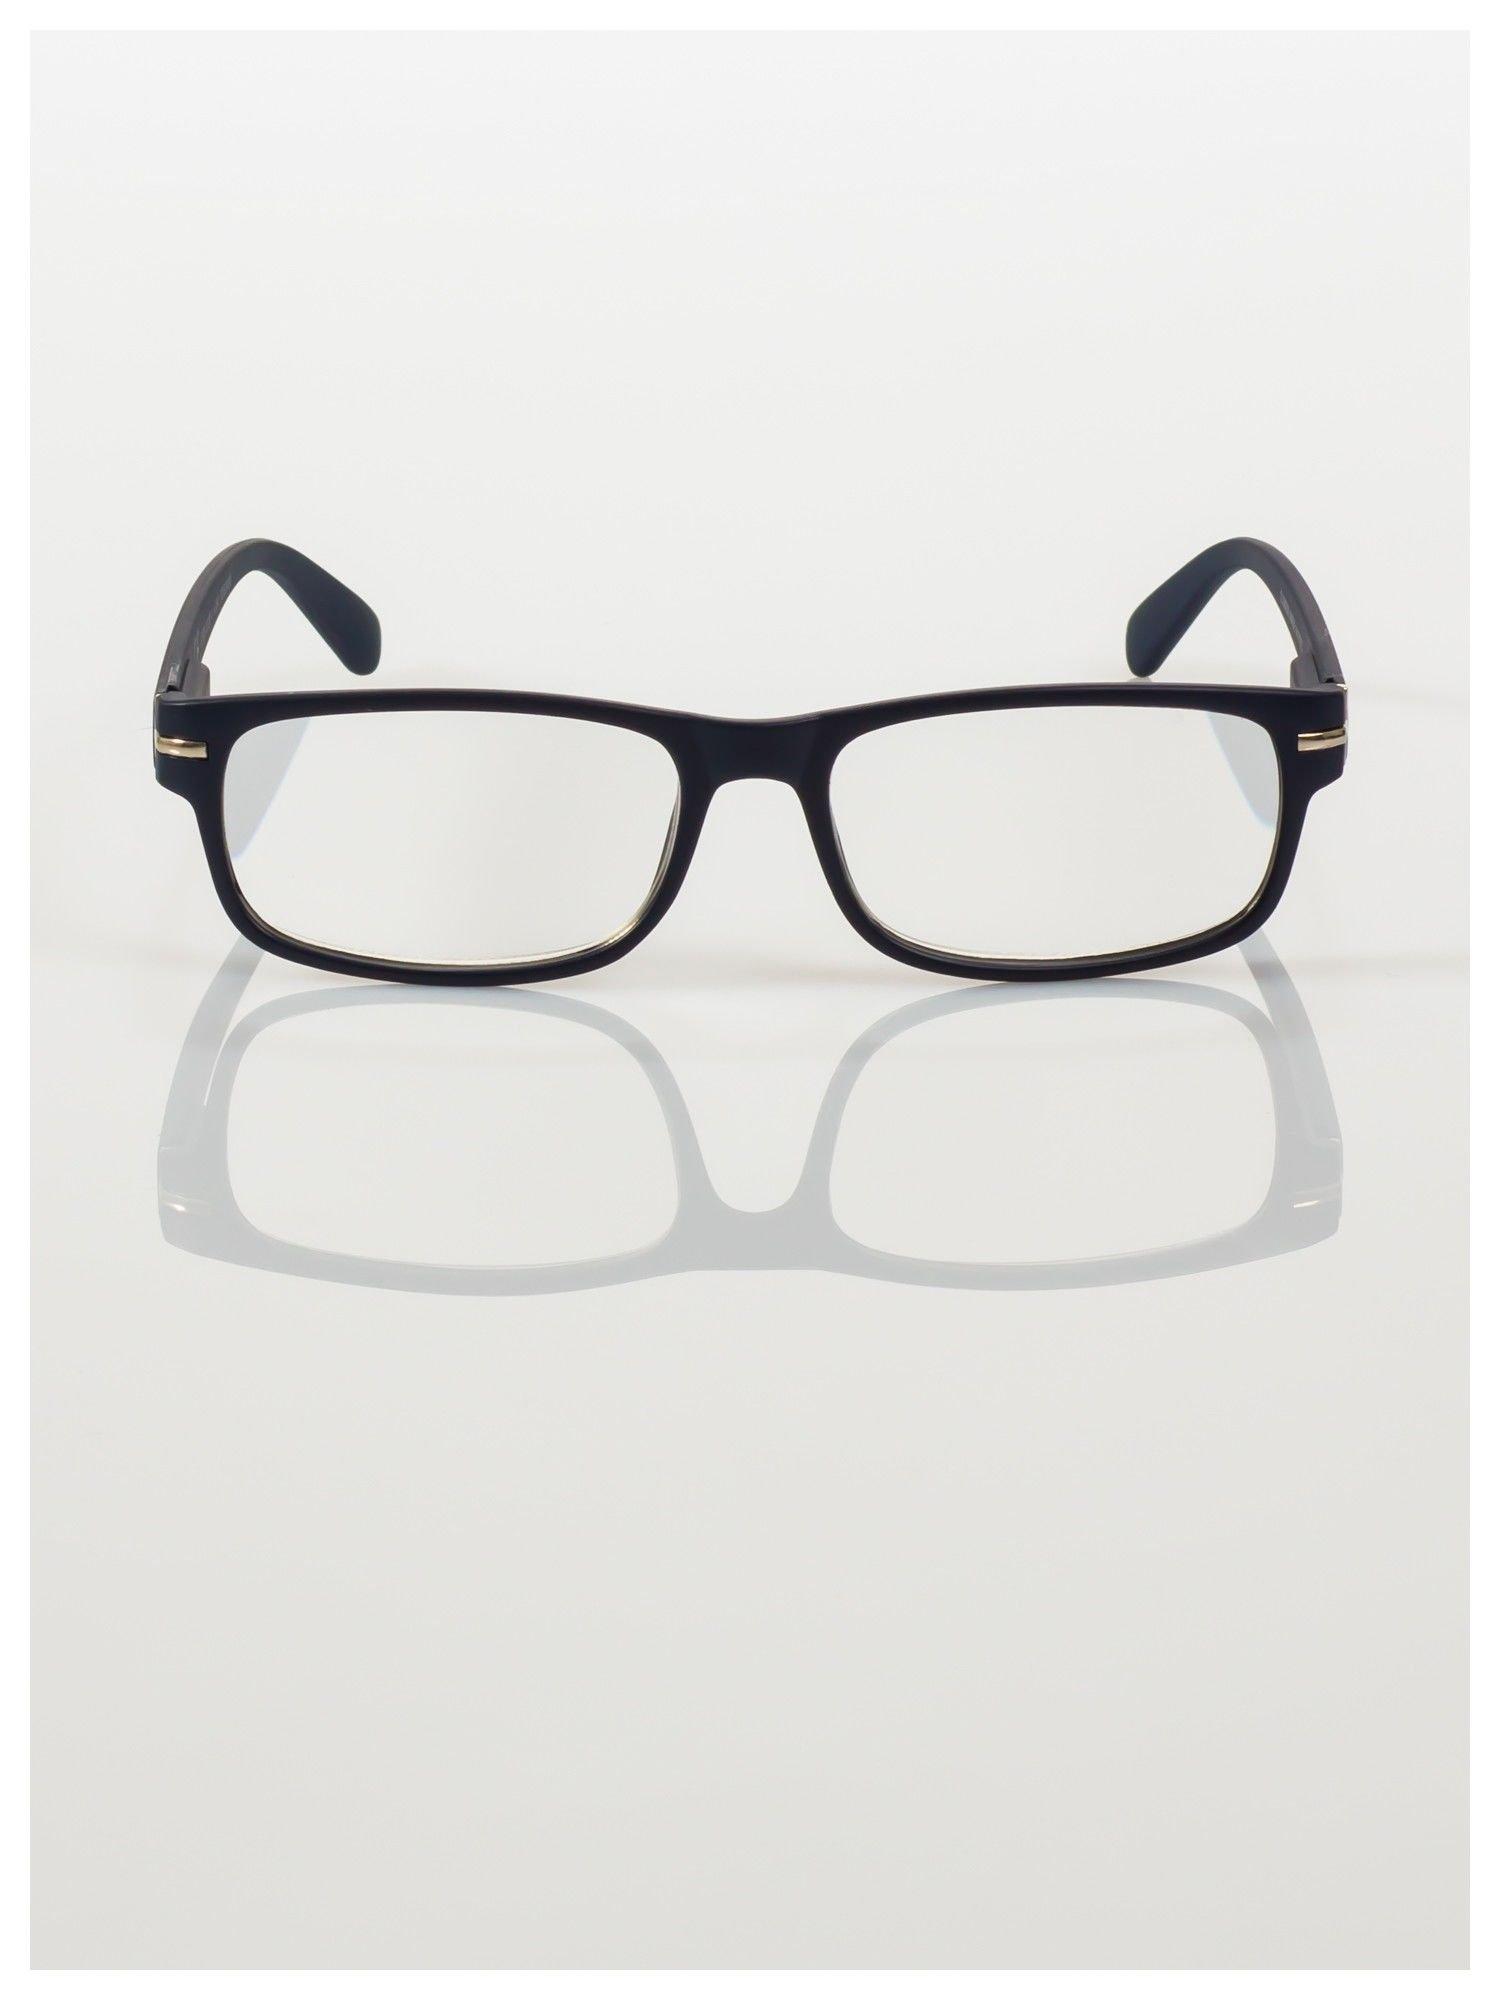 Eleganckie granatowe matowe korekcyjne okulary do czytania +2.5 D  z sytemem FLEX na zausznikach                                  zdj.                                  3